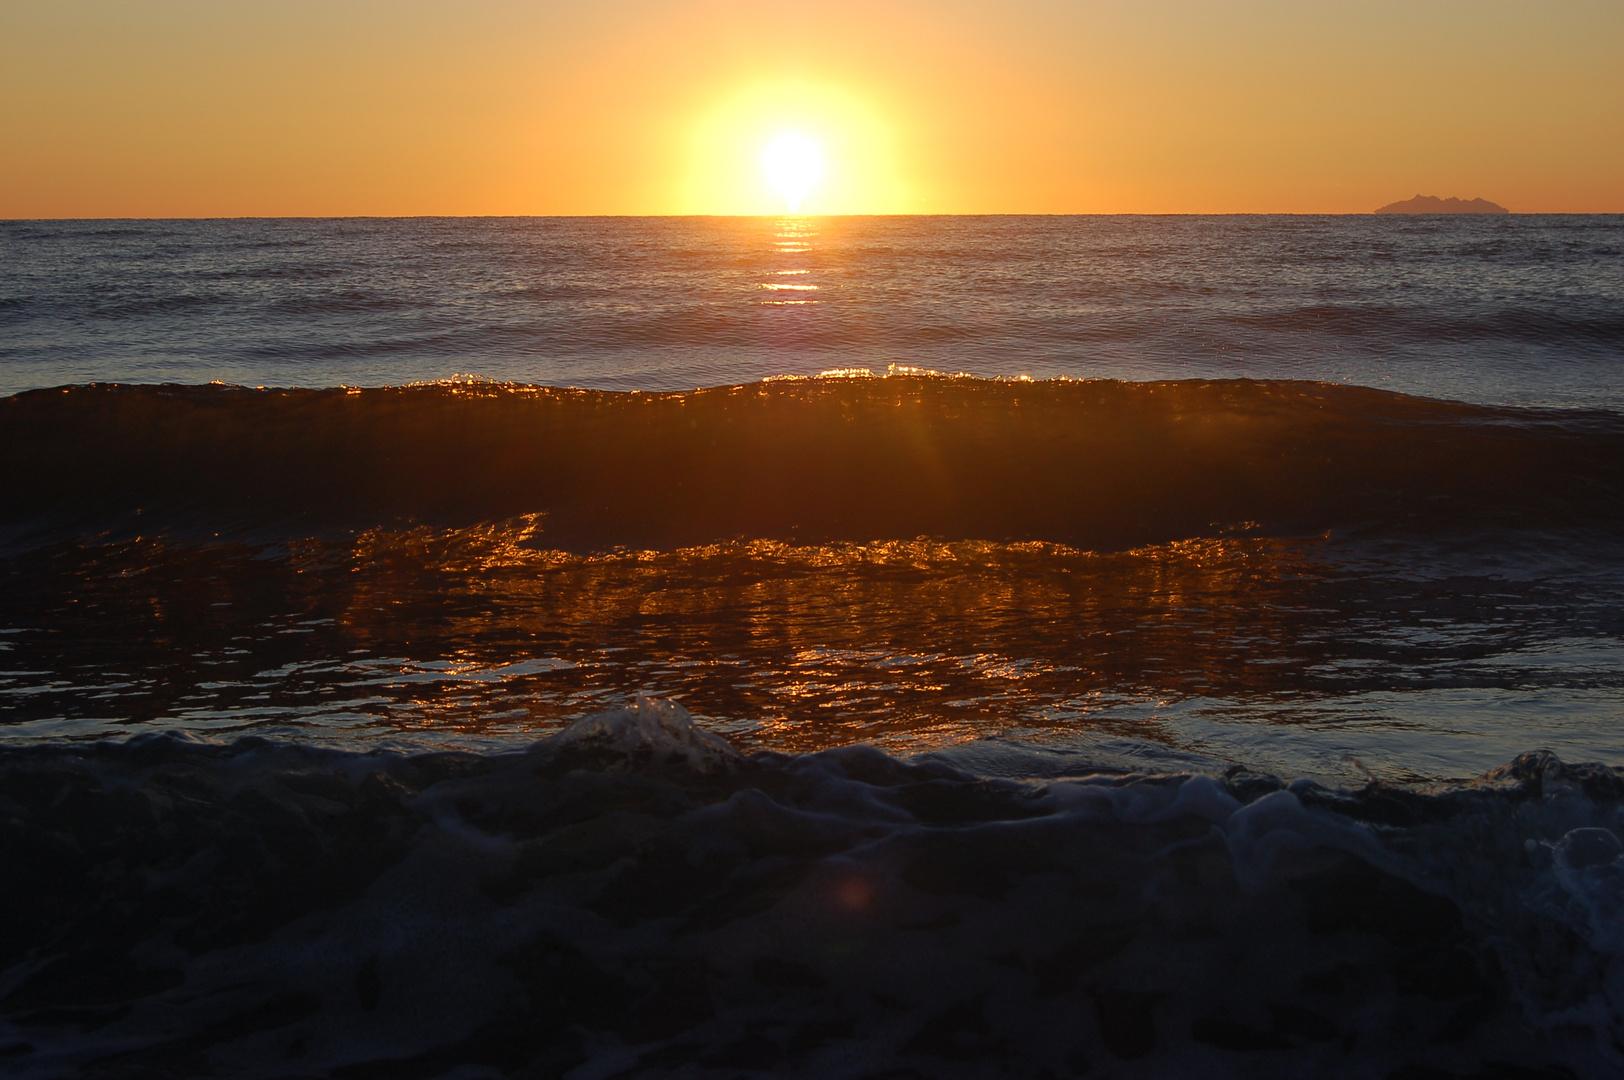 Sunrise on the Ile of Corsica